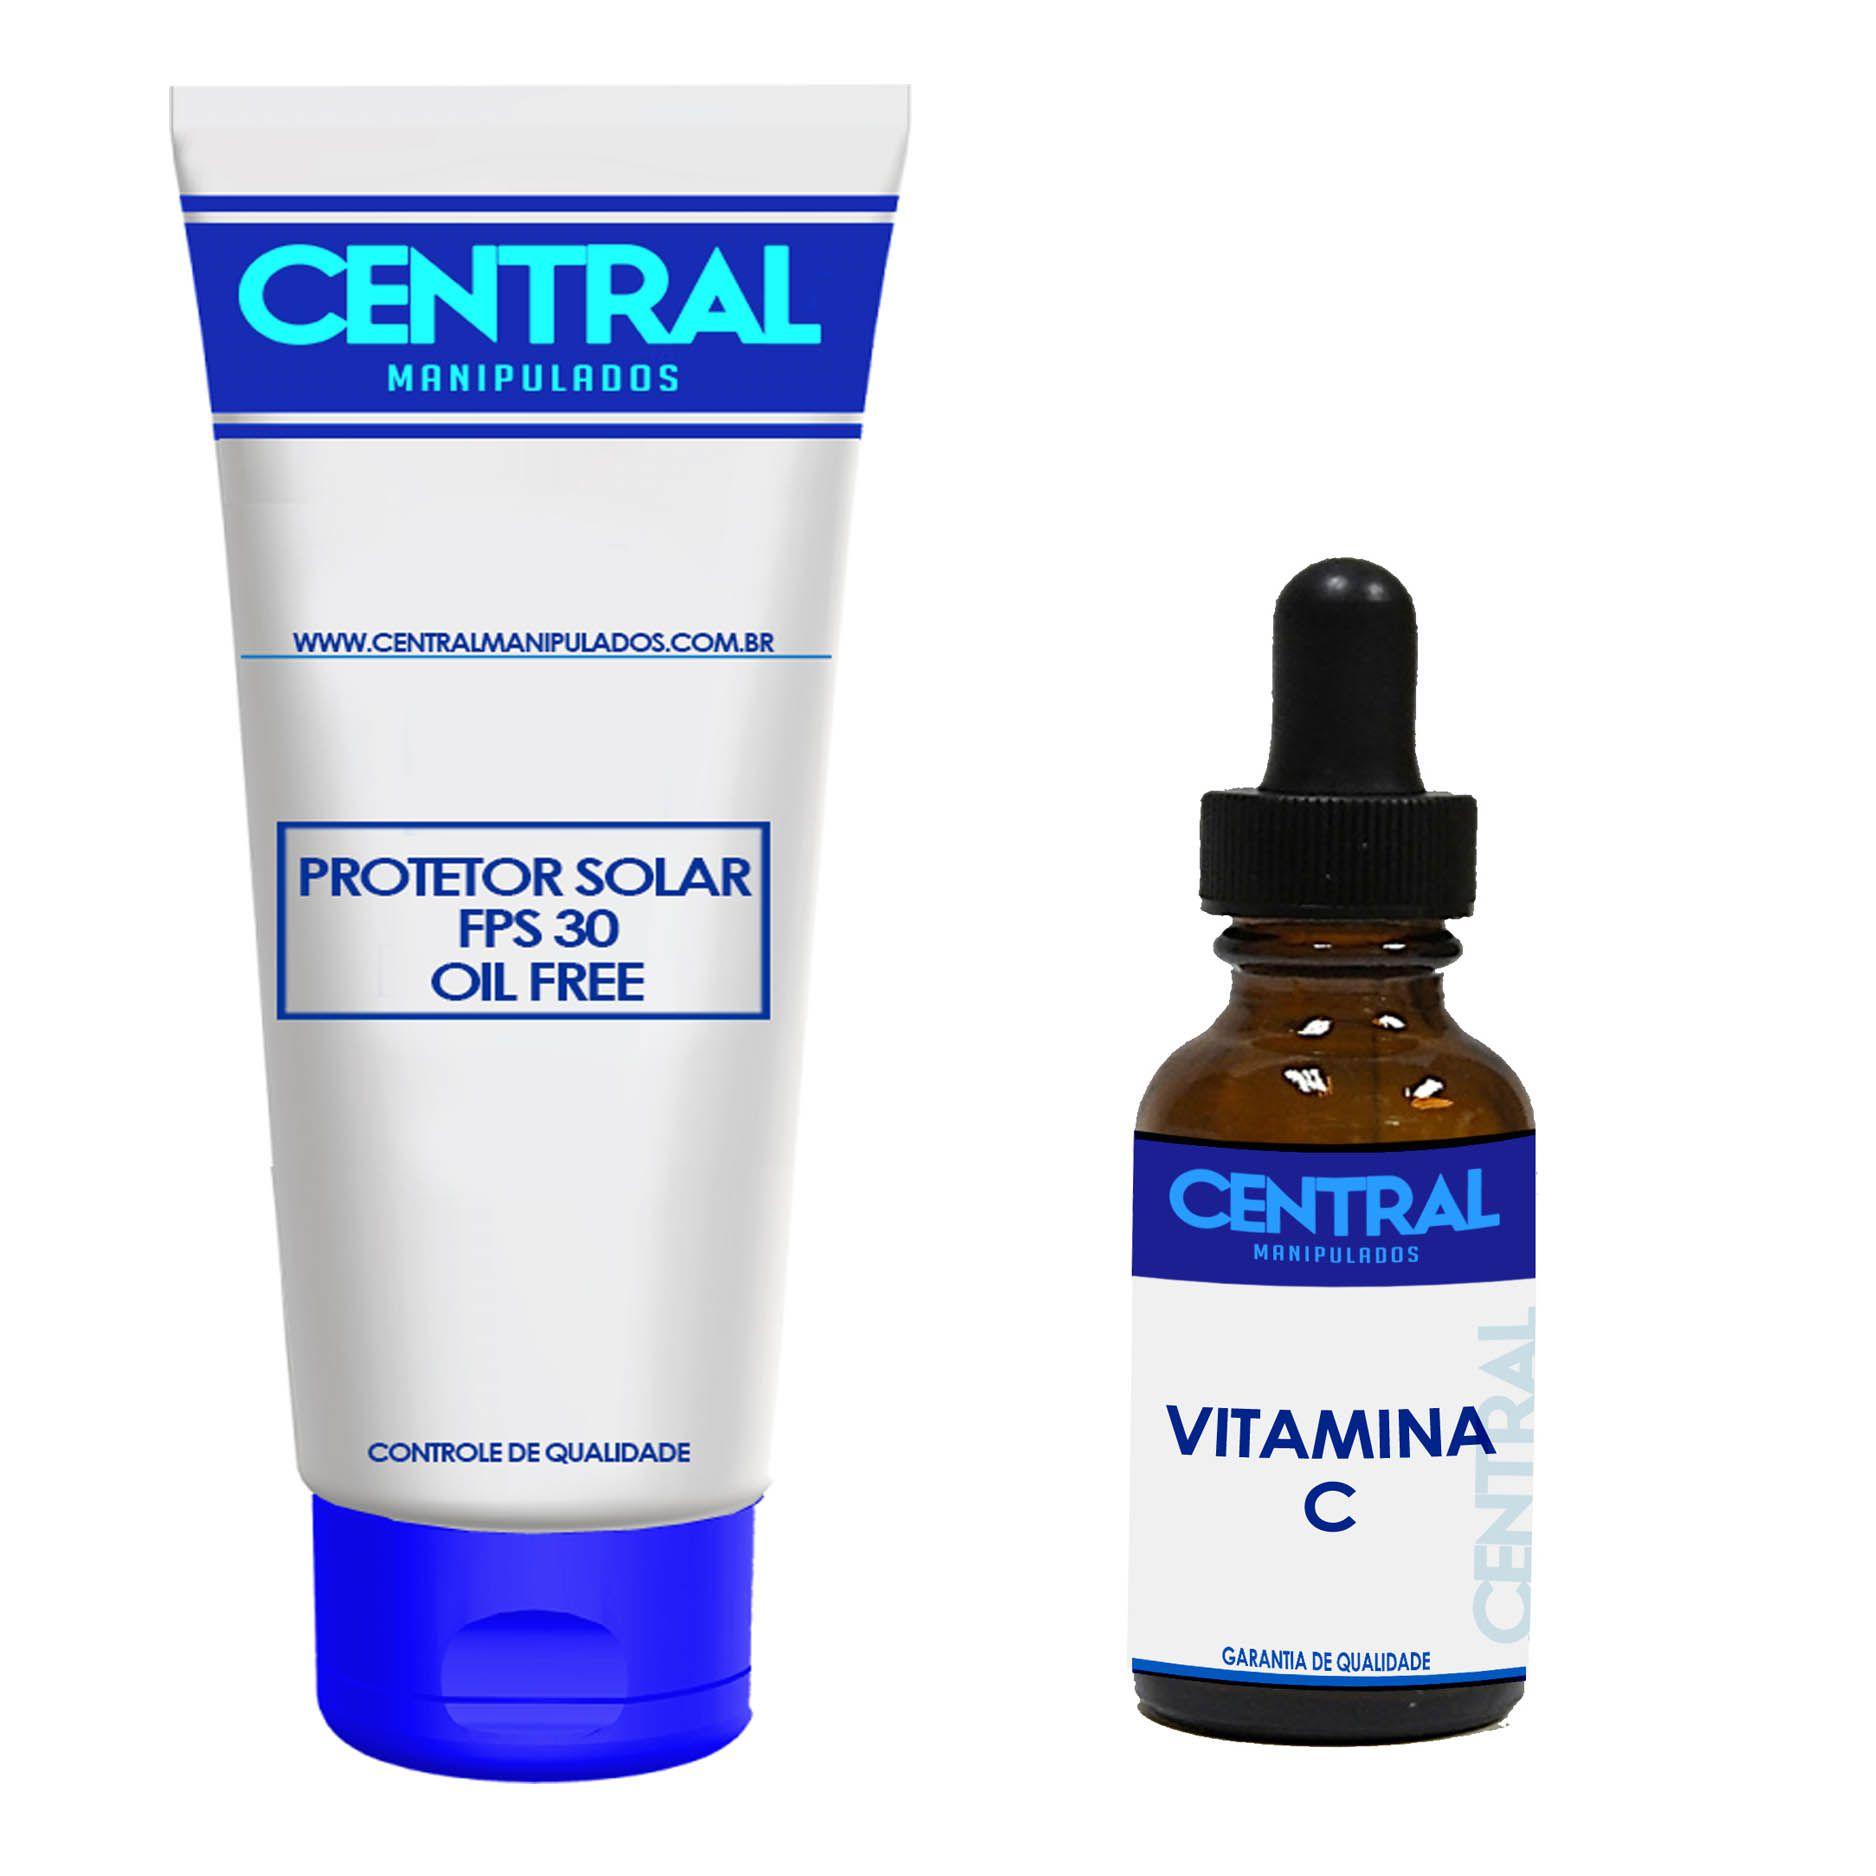 KIT Sérum Vitamina C puro 30 ml + Protetor Solar FPSS 30 Oil Free - Toque Seco 60gramas